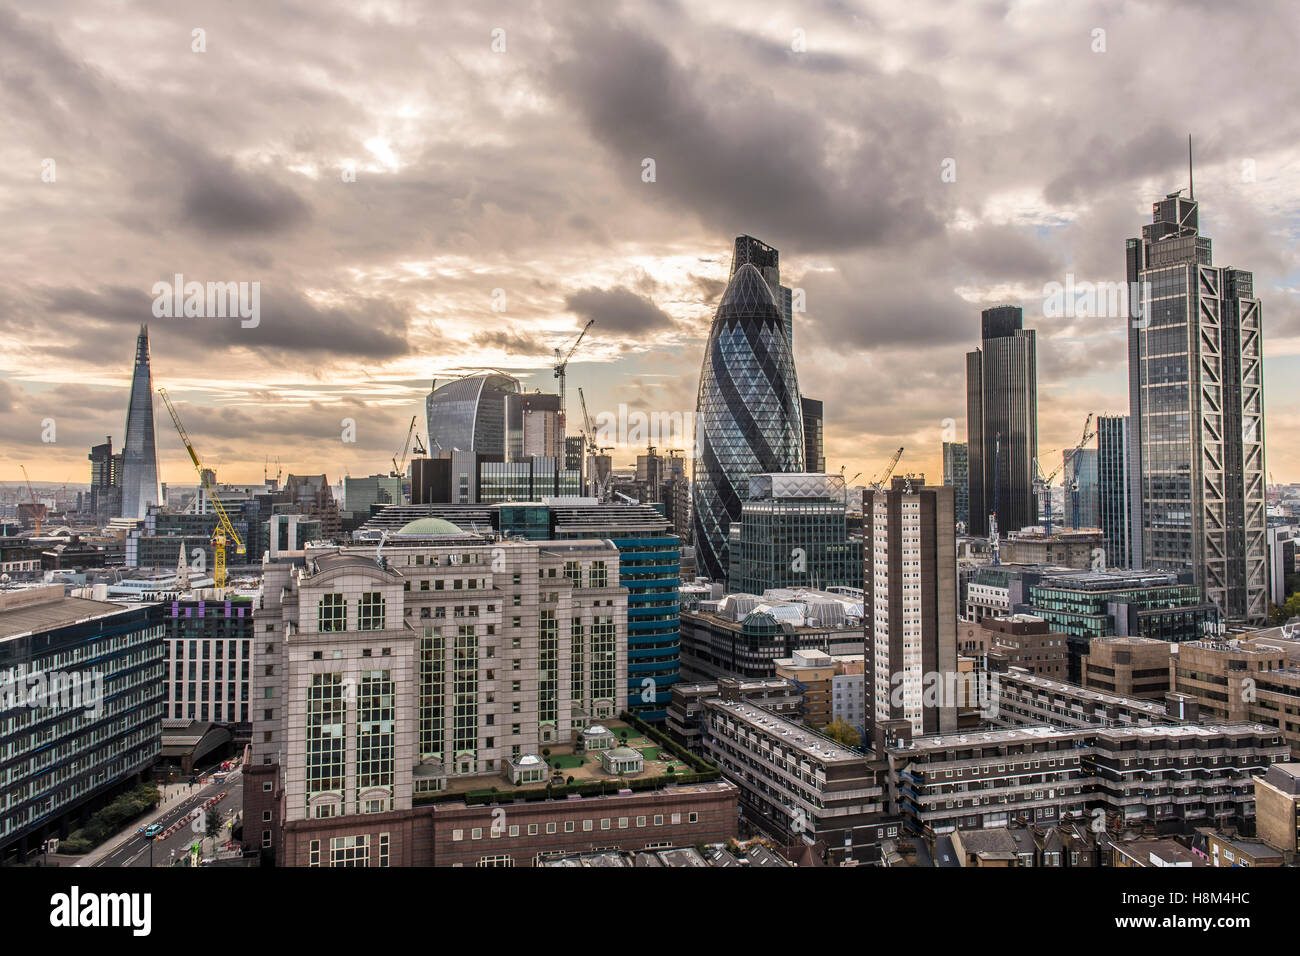 Un horizon de Londres, paysage urbain, des tours, gratte-ciel, le Gherkin, tour 42, Heron Tower, nuit, crépuscule Photo Stock